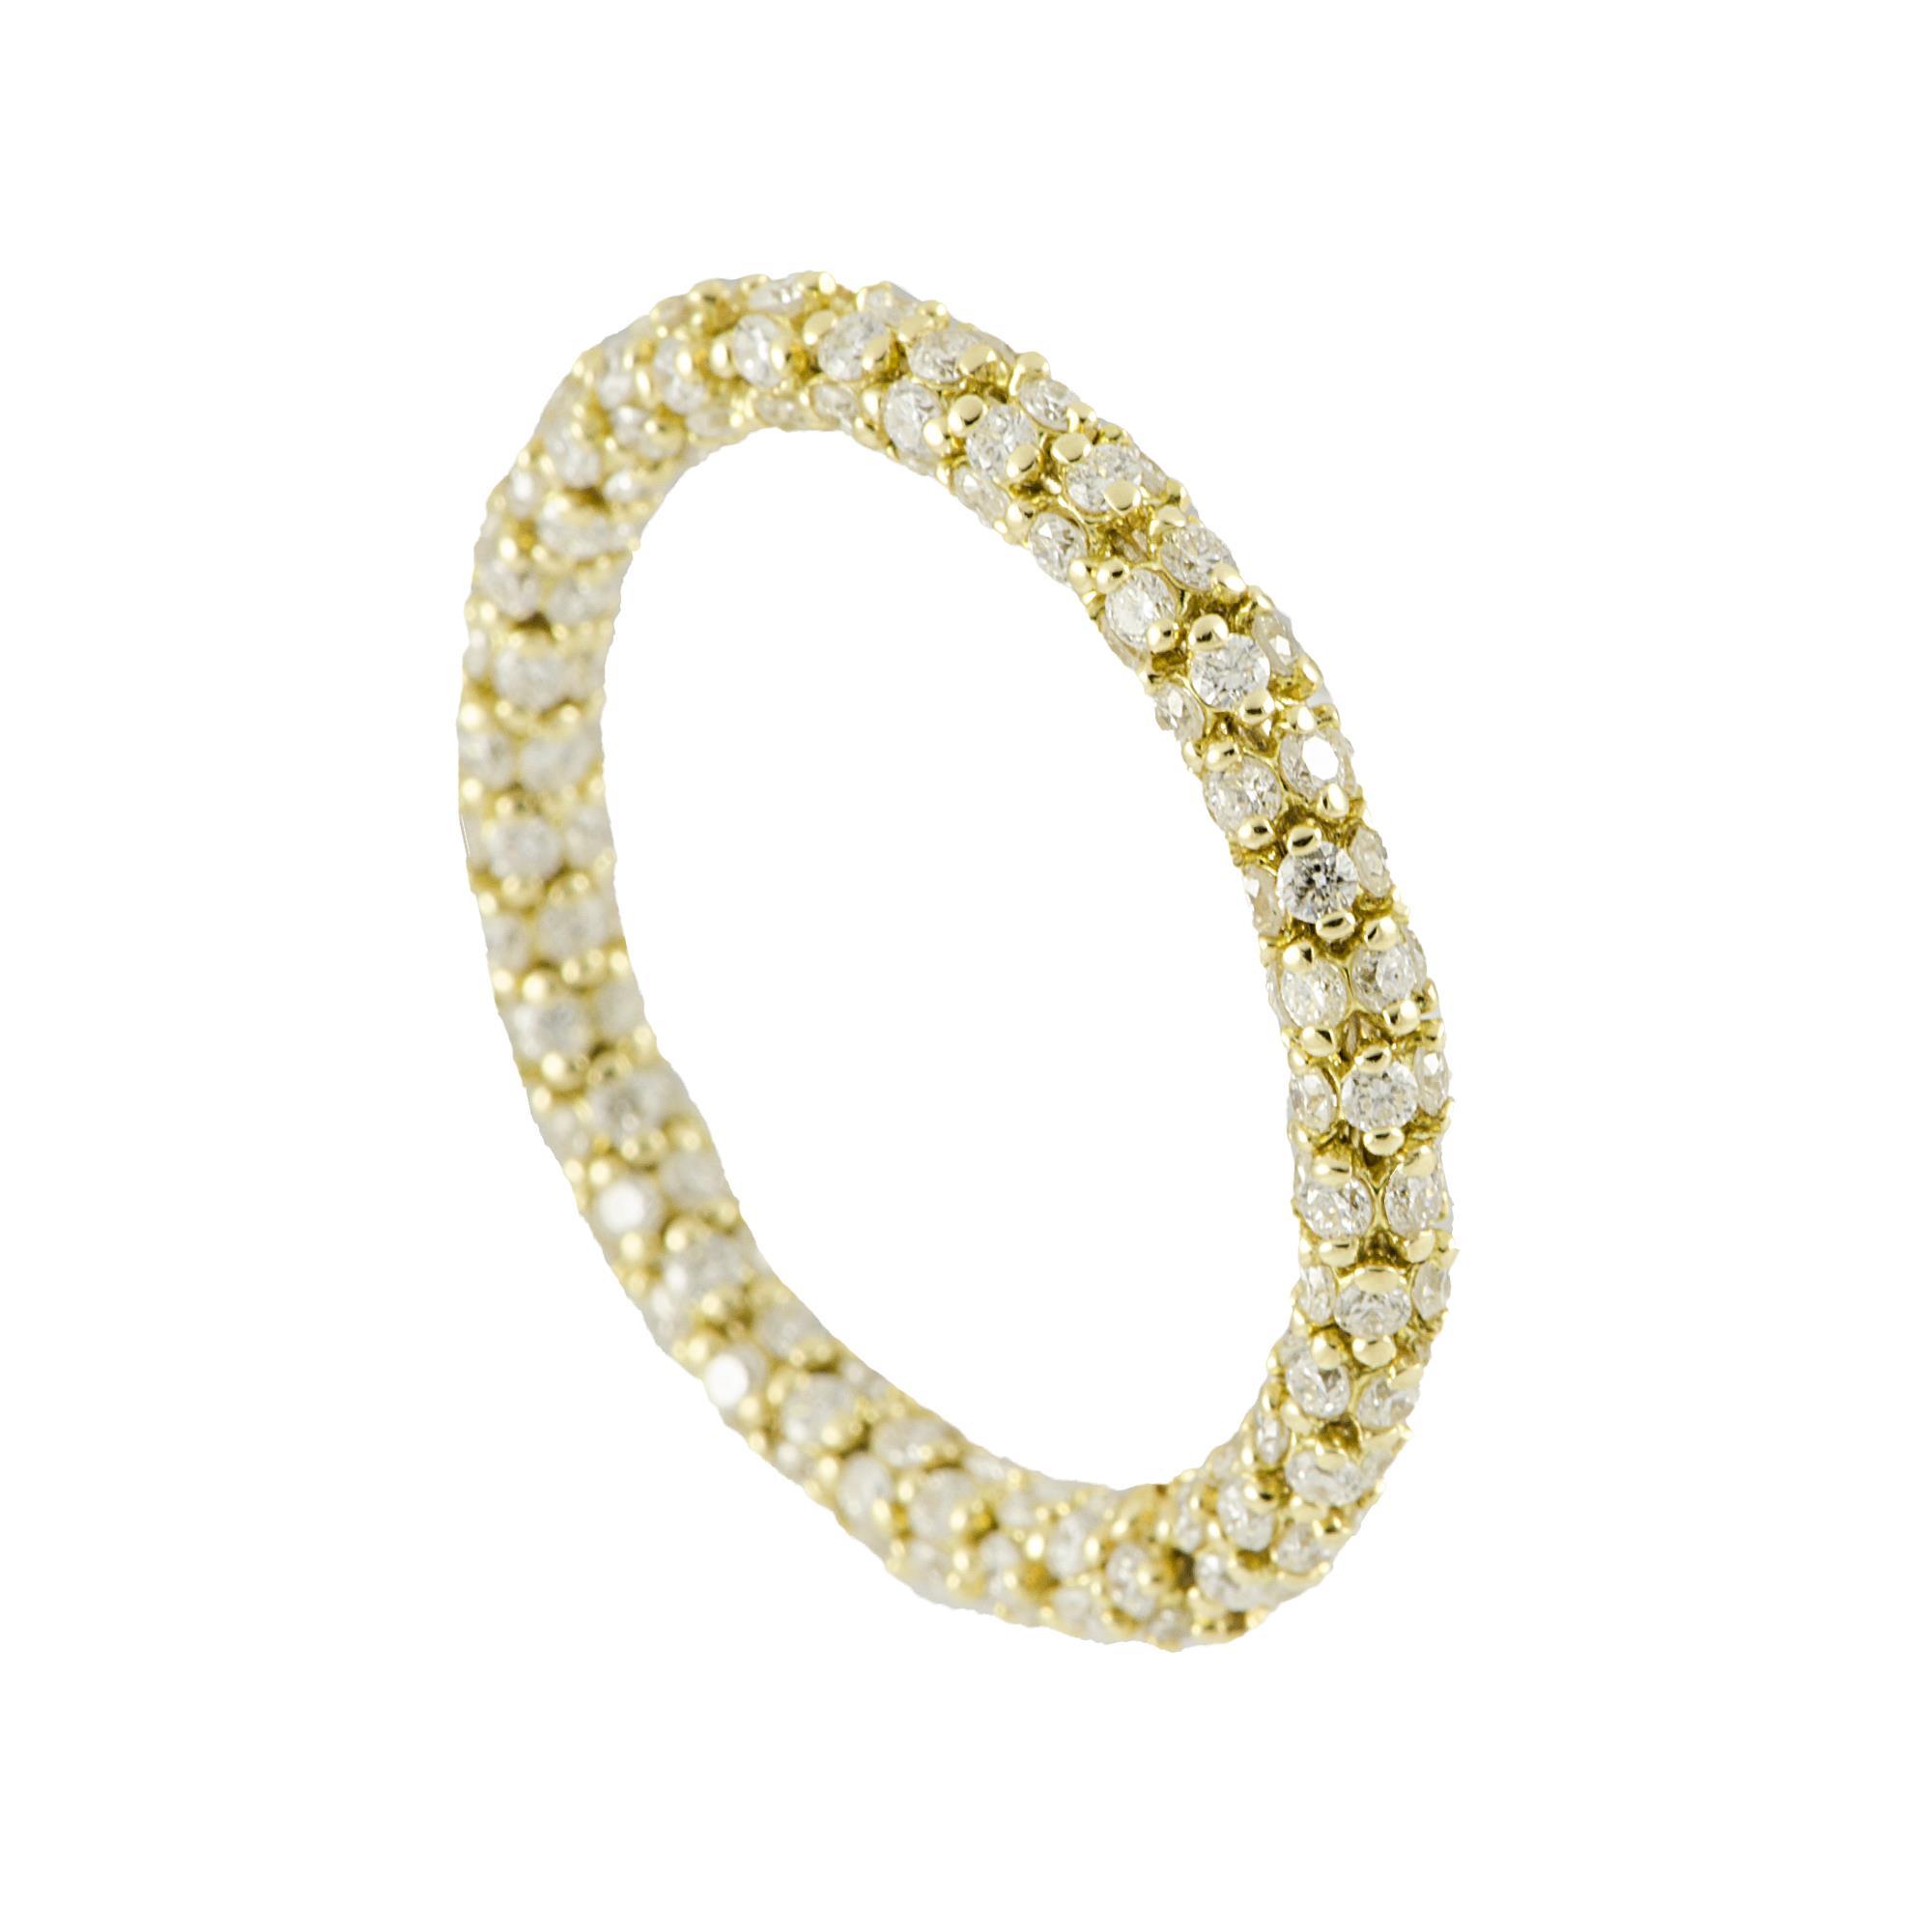 Anello in oro giallo e diamanti ct 1.50, misura 18  - ROBERTO DEMEGLIO